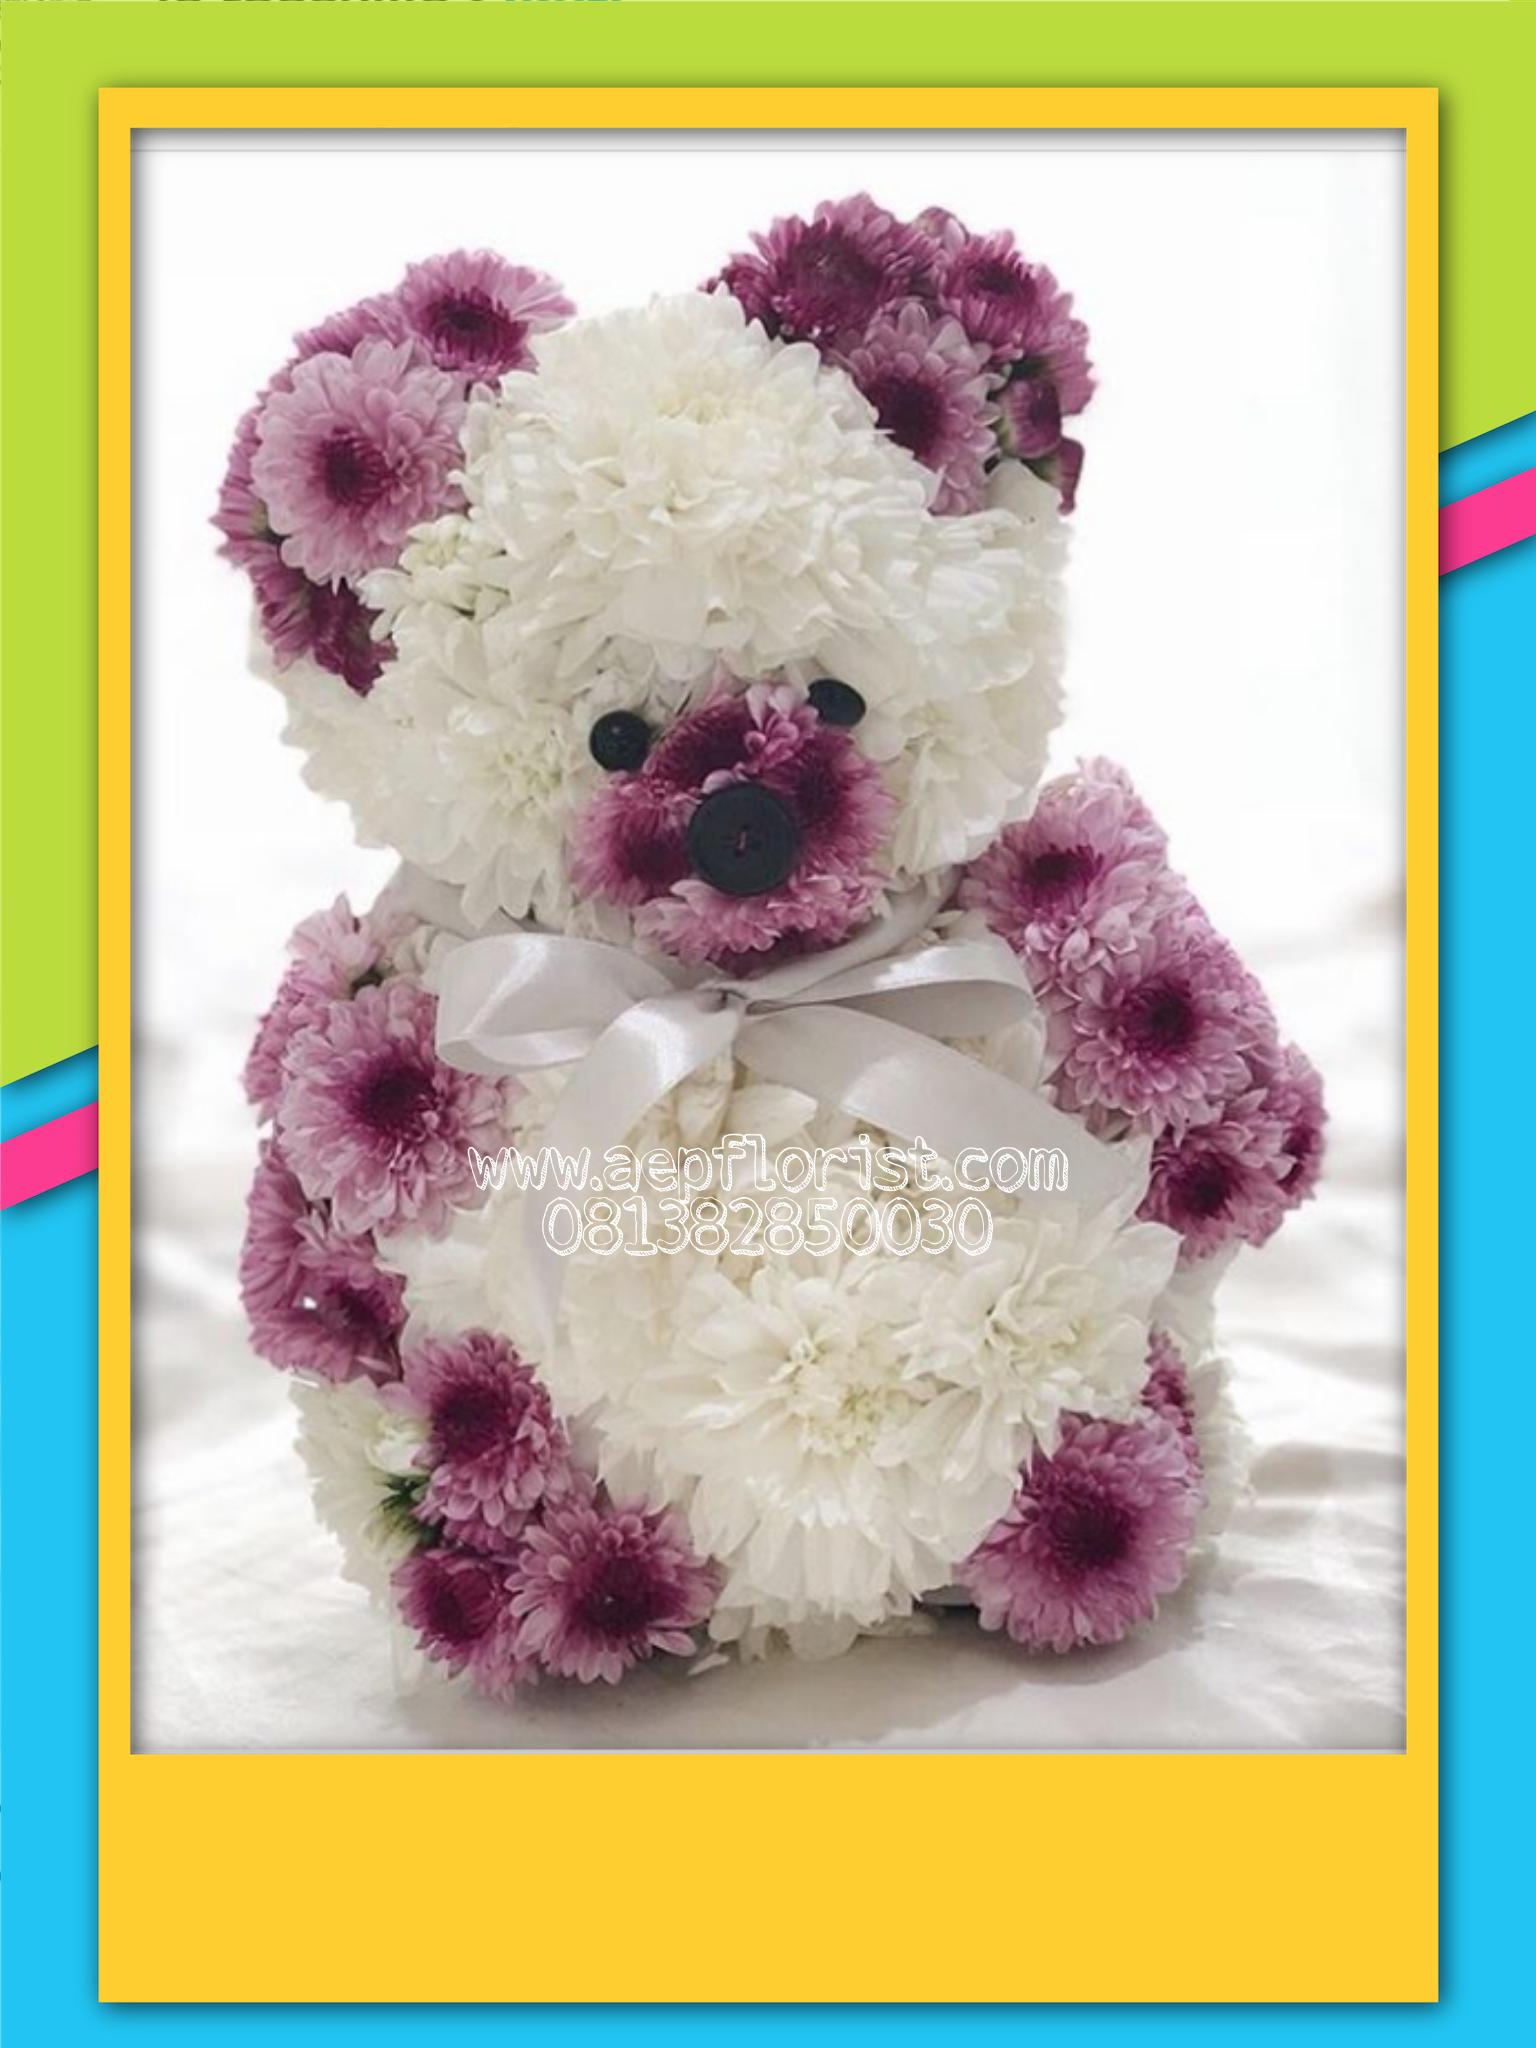 Bunga bear